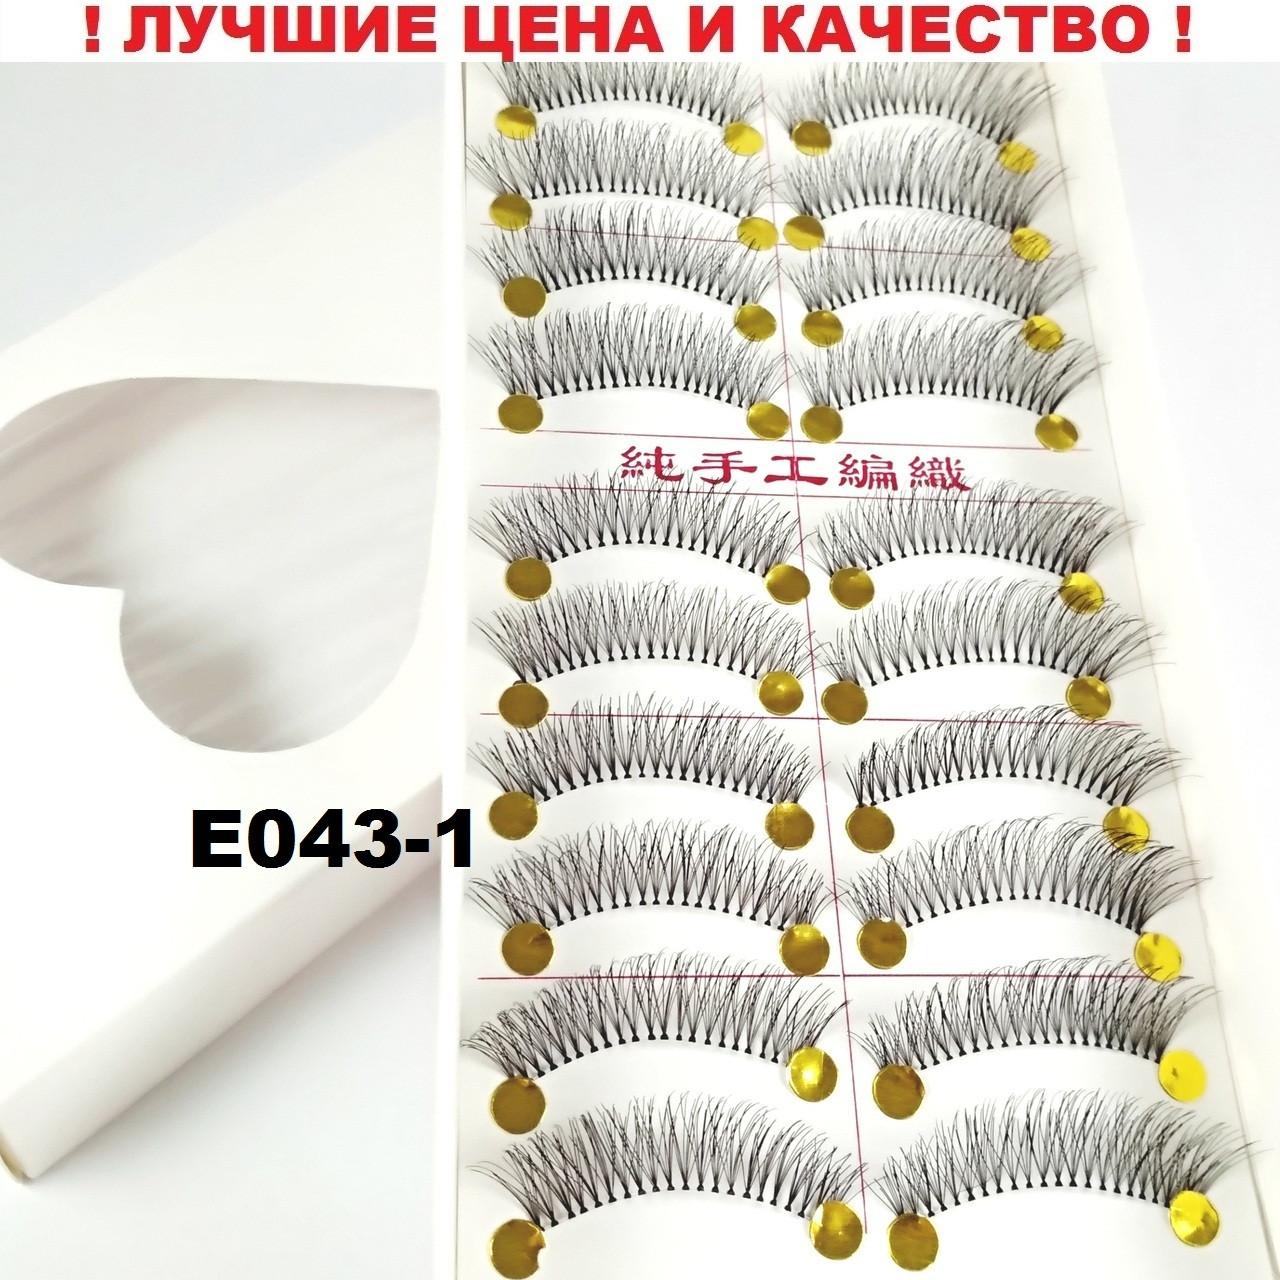 Ленточные пучковые ресницы 10 пар